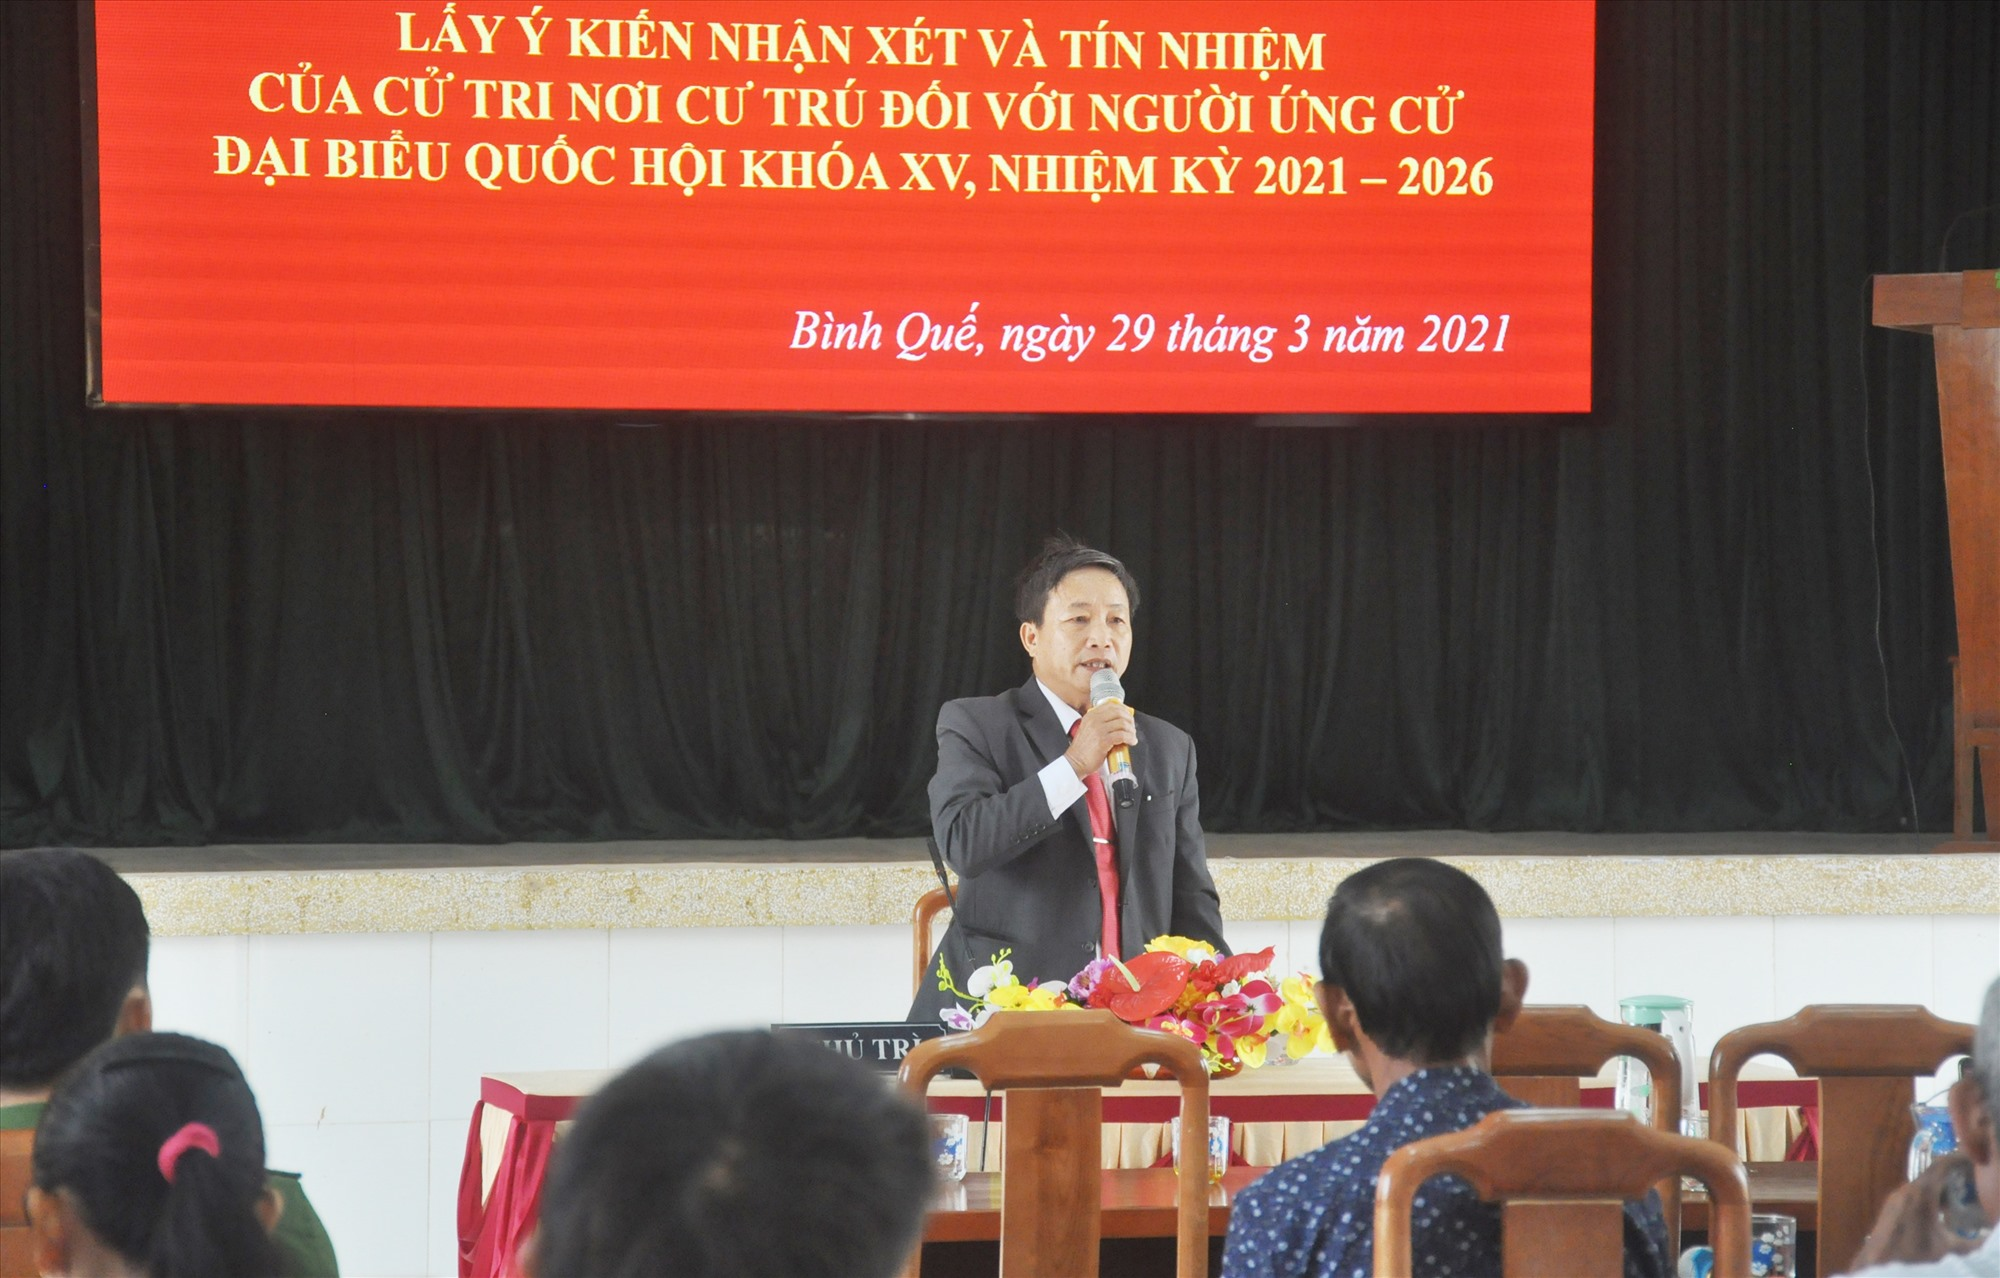 Đại diện Ban Thường trực Ủy ban MTTQ Việt Nam xã Bình Quế chủ trì hội nghị lấy ý kiến nhận xét và tín nhiệm của cử tri nơi cư trú đối với người ứng cử ĐBQH khóa XV. Ảnh: N.Đ